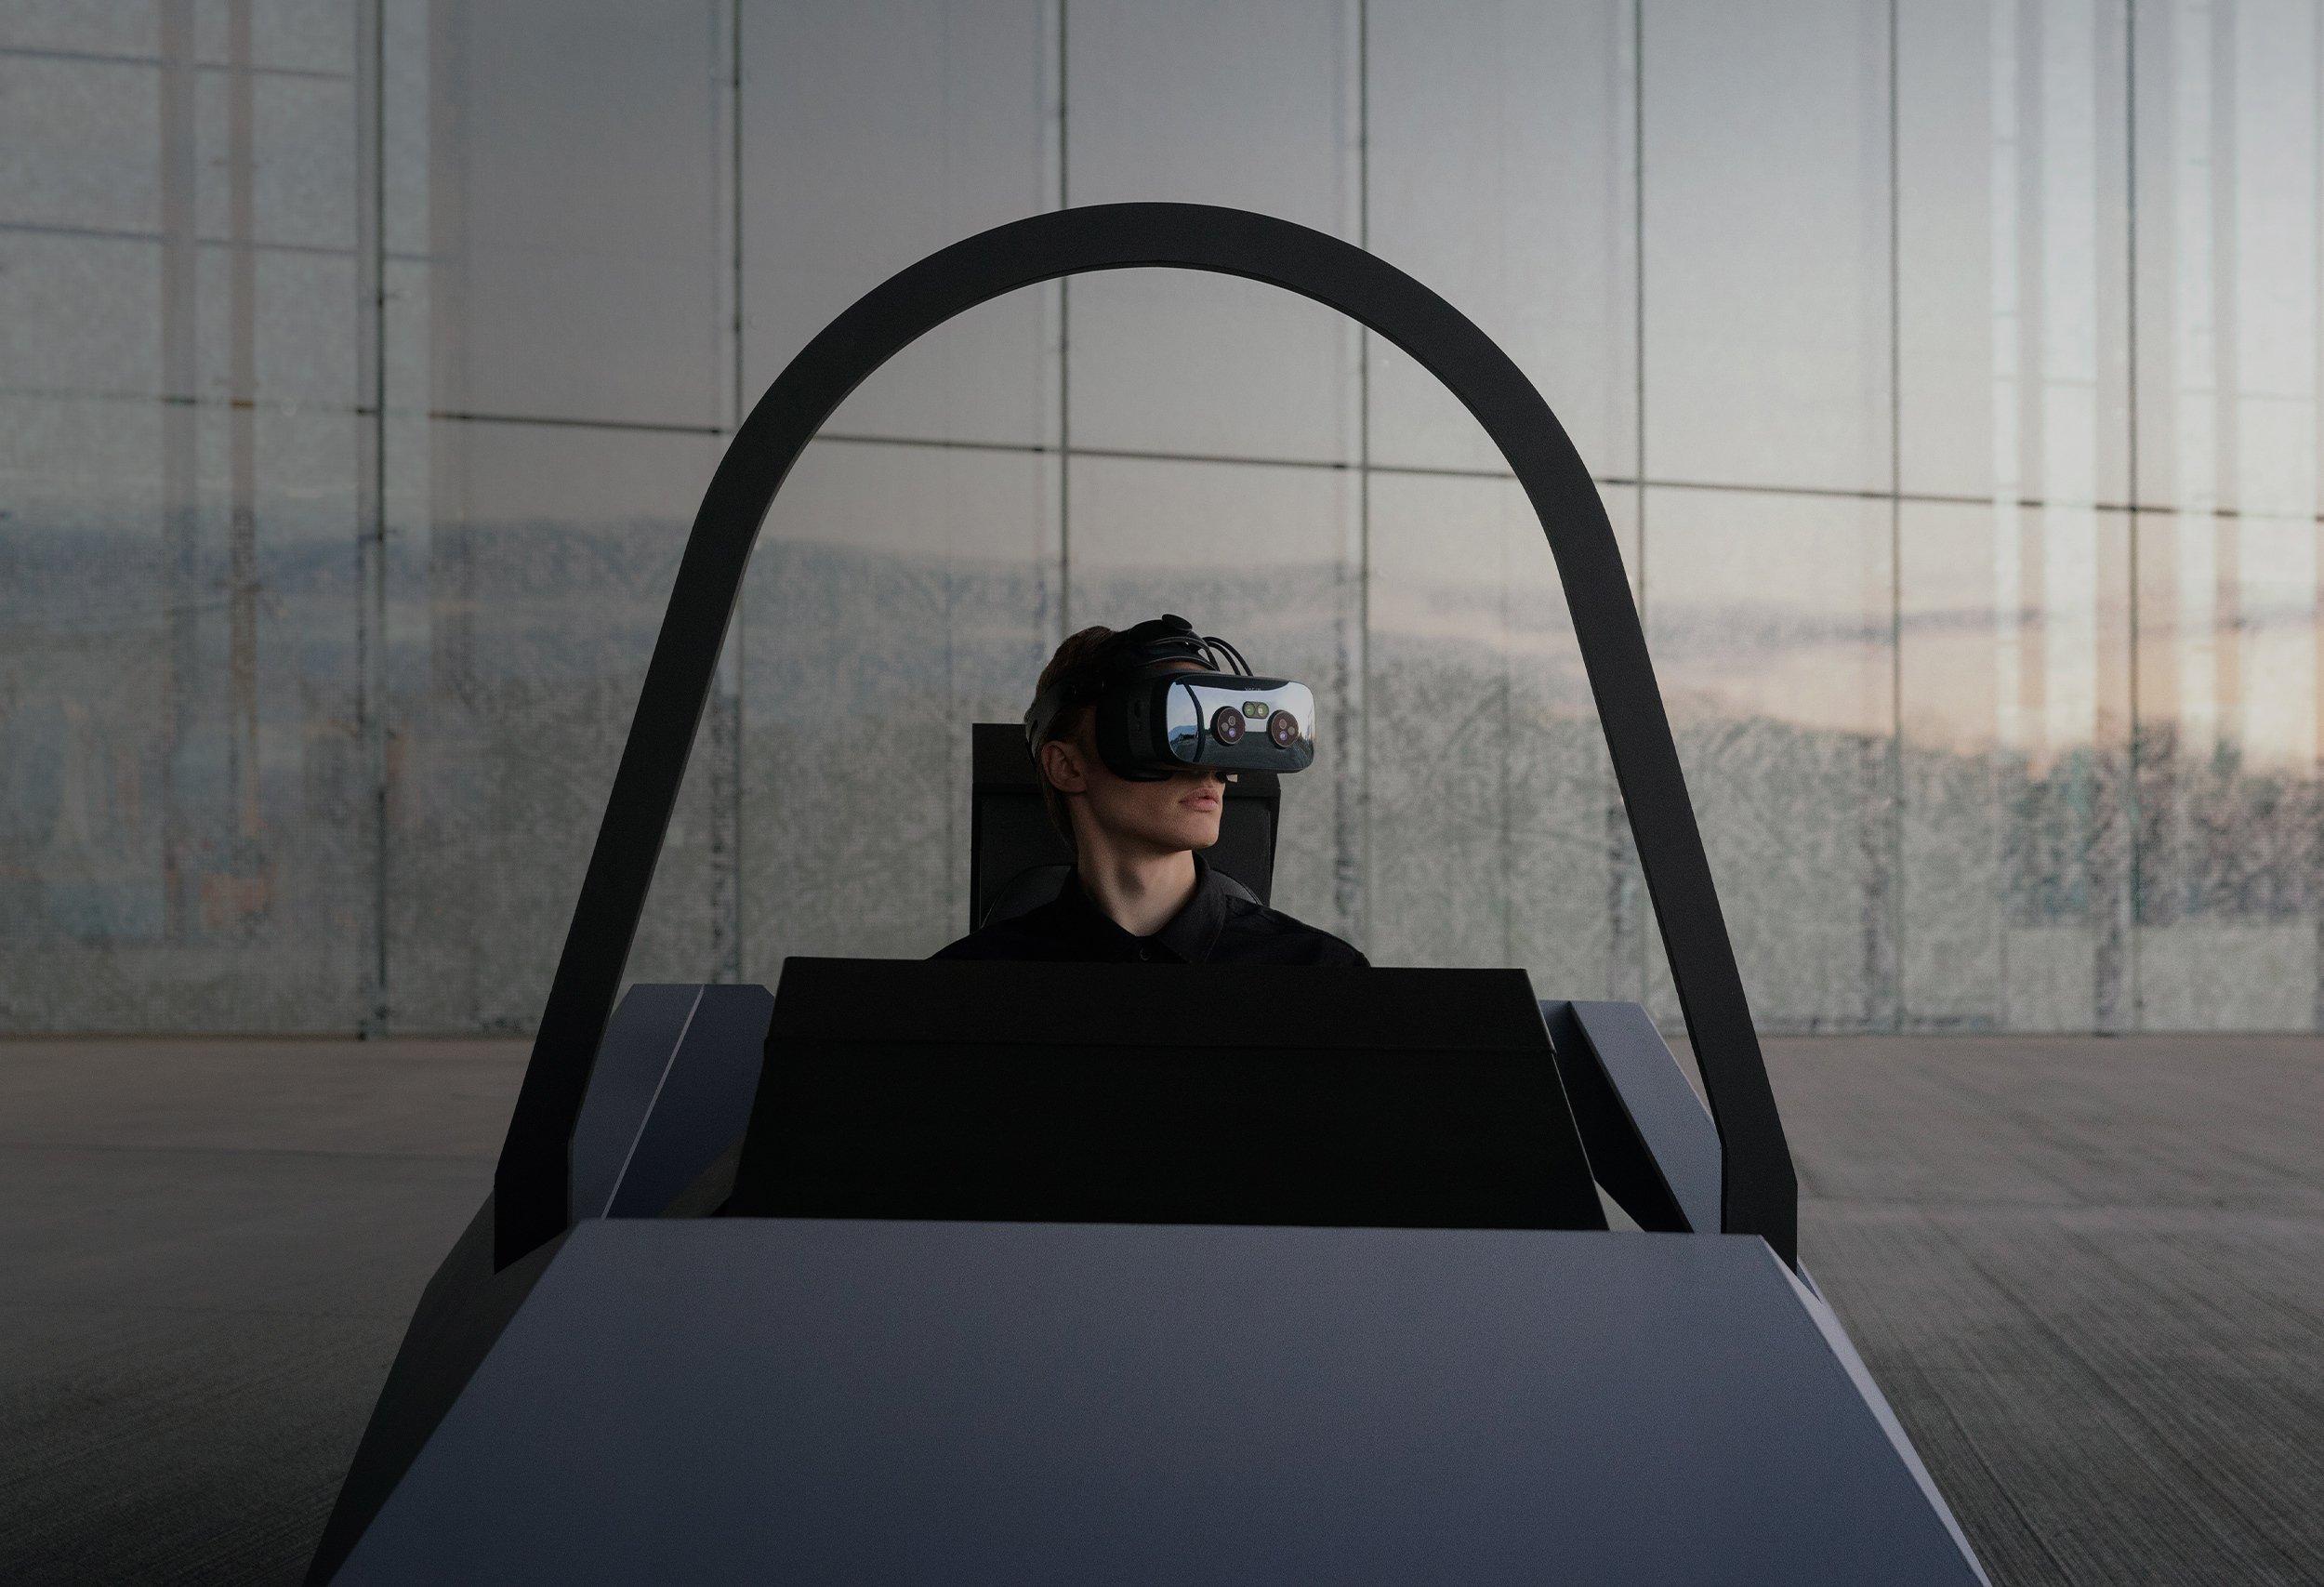 VR Expert - varjo xr